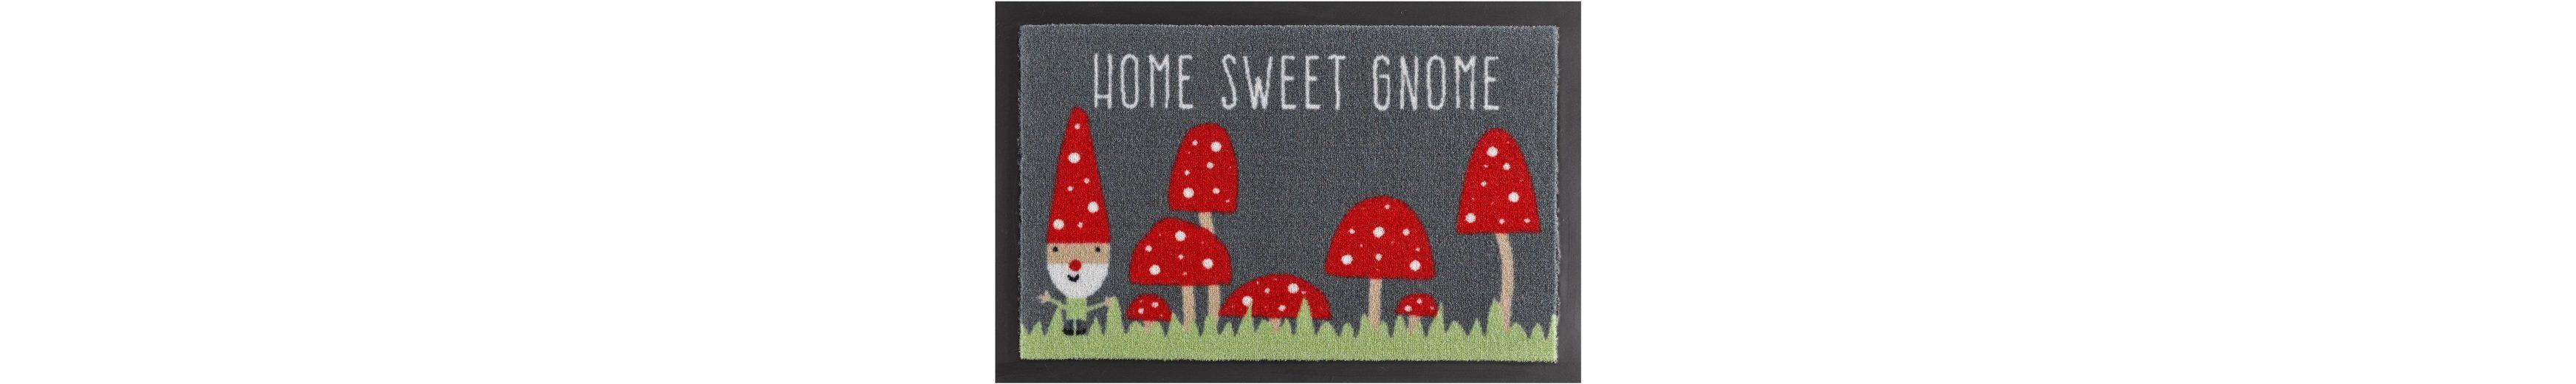 Fußmatte, Hanse Home, »Home Sweet Gnome«, rutschhemmend beschichtet, getuftet